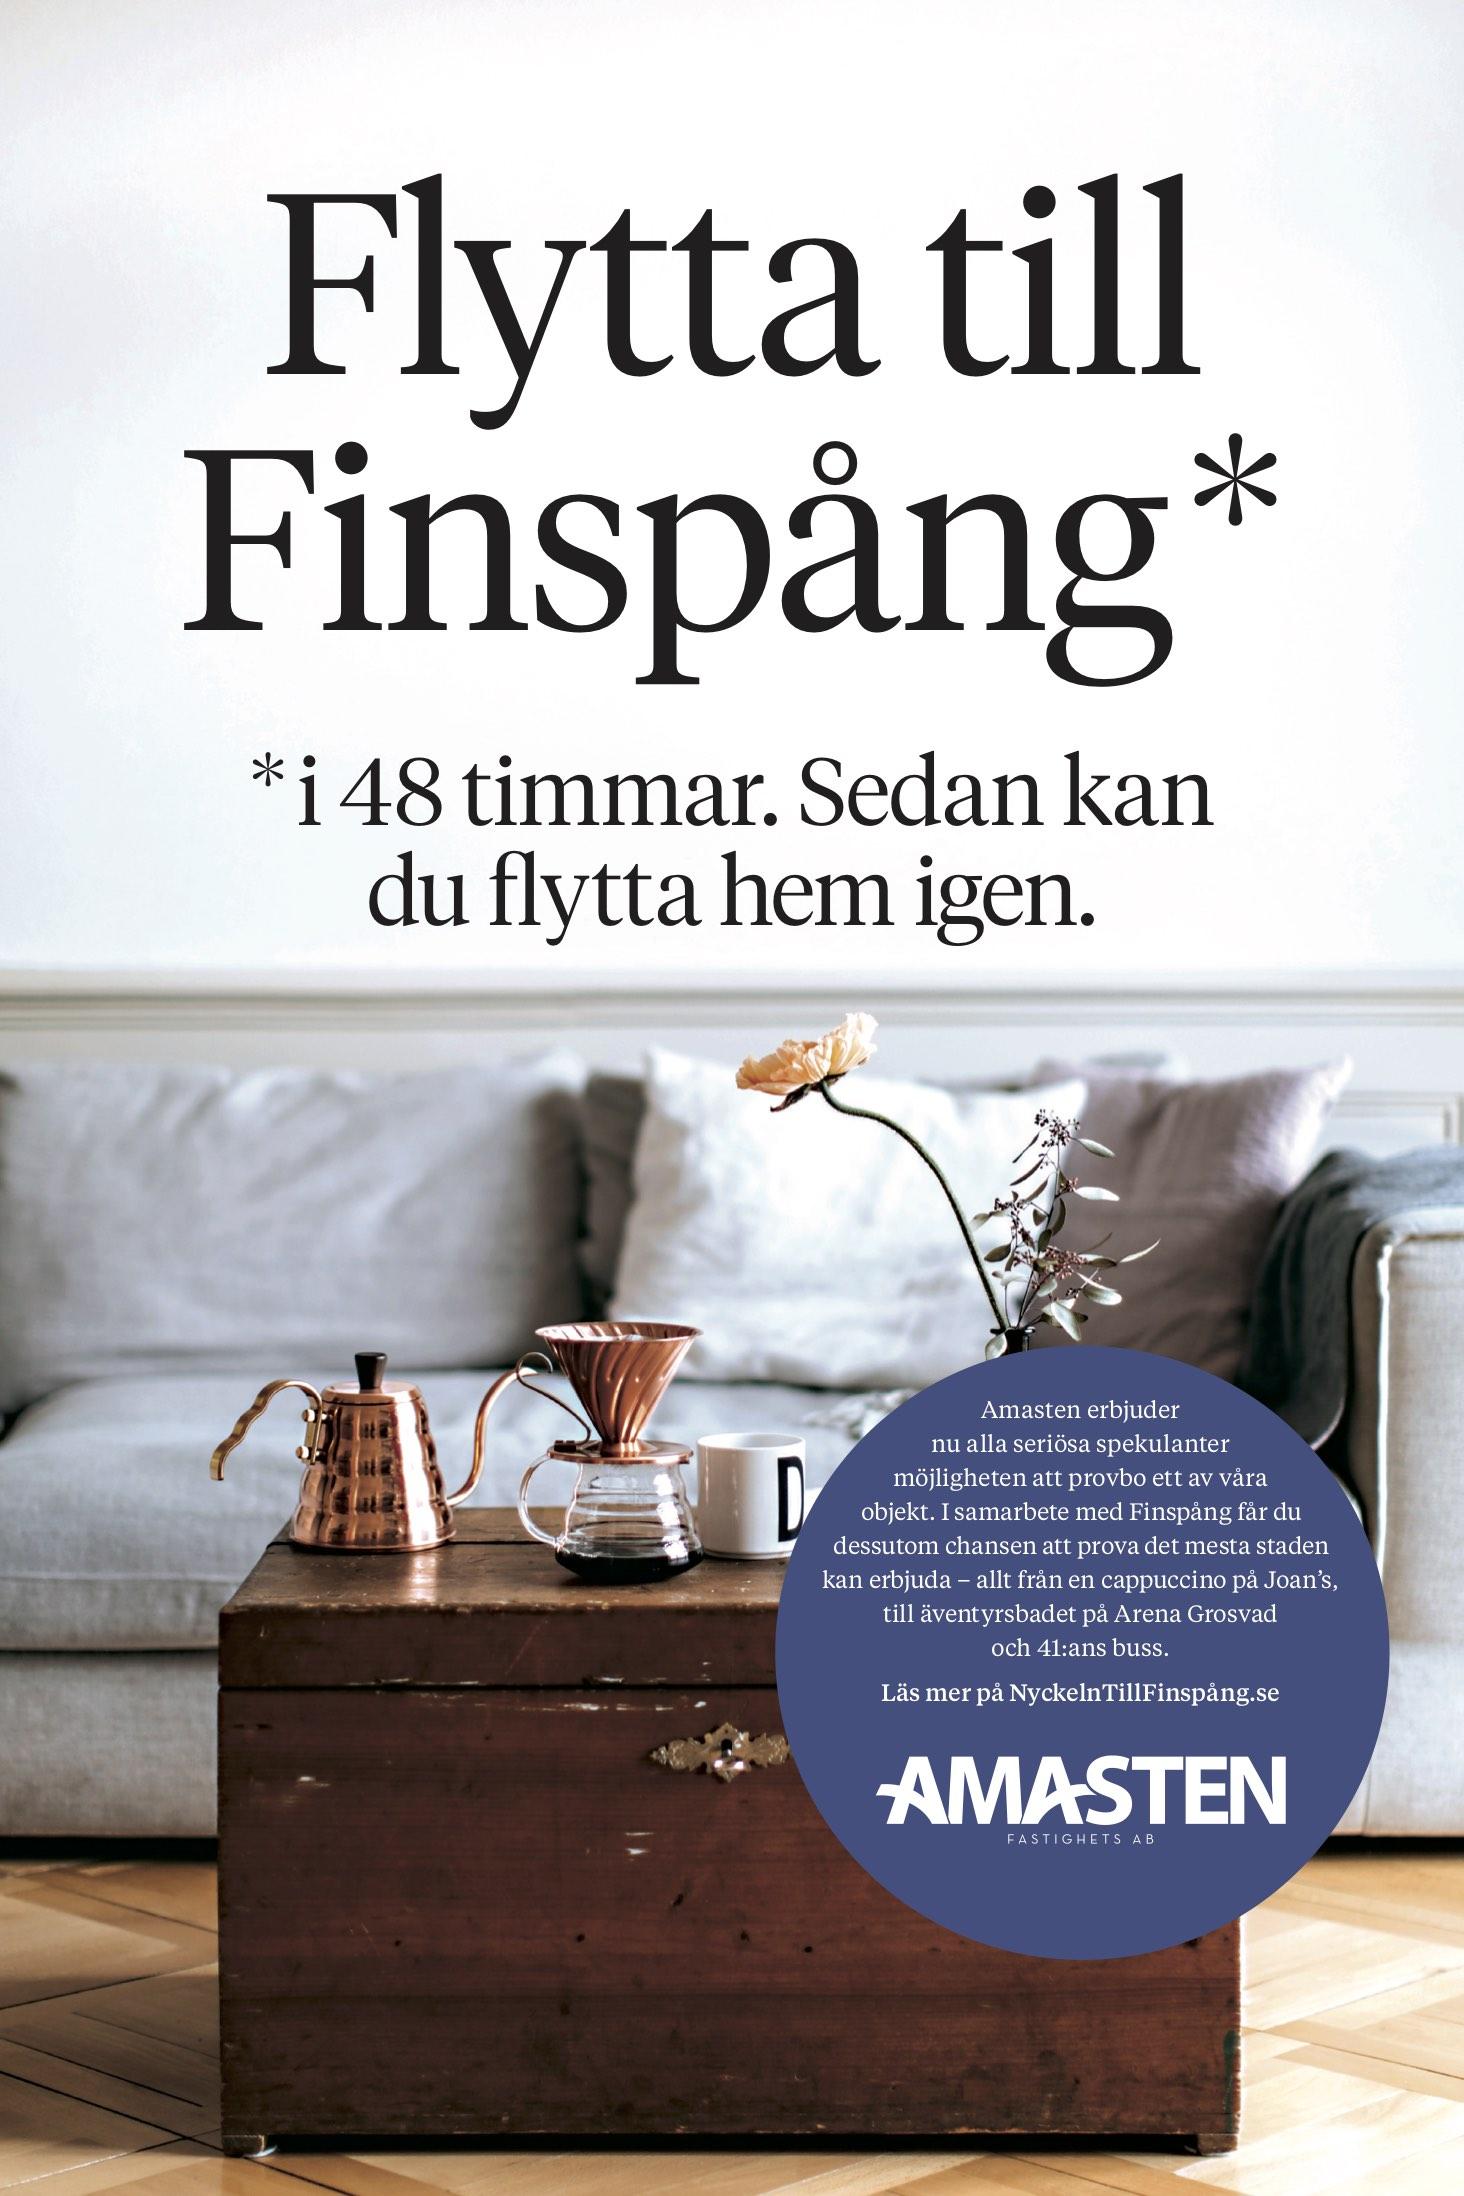 Amasten_Annons#1.jpg